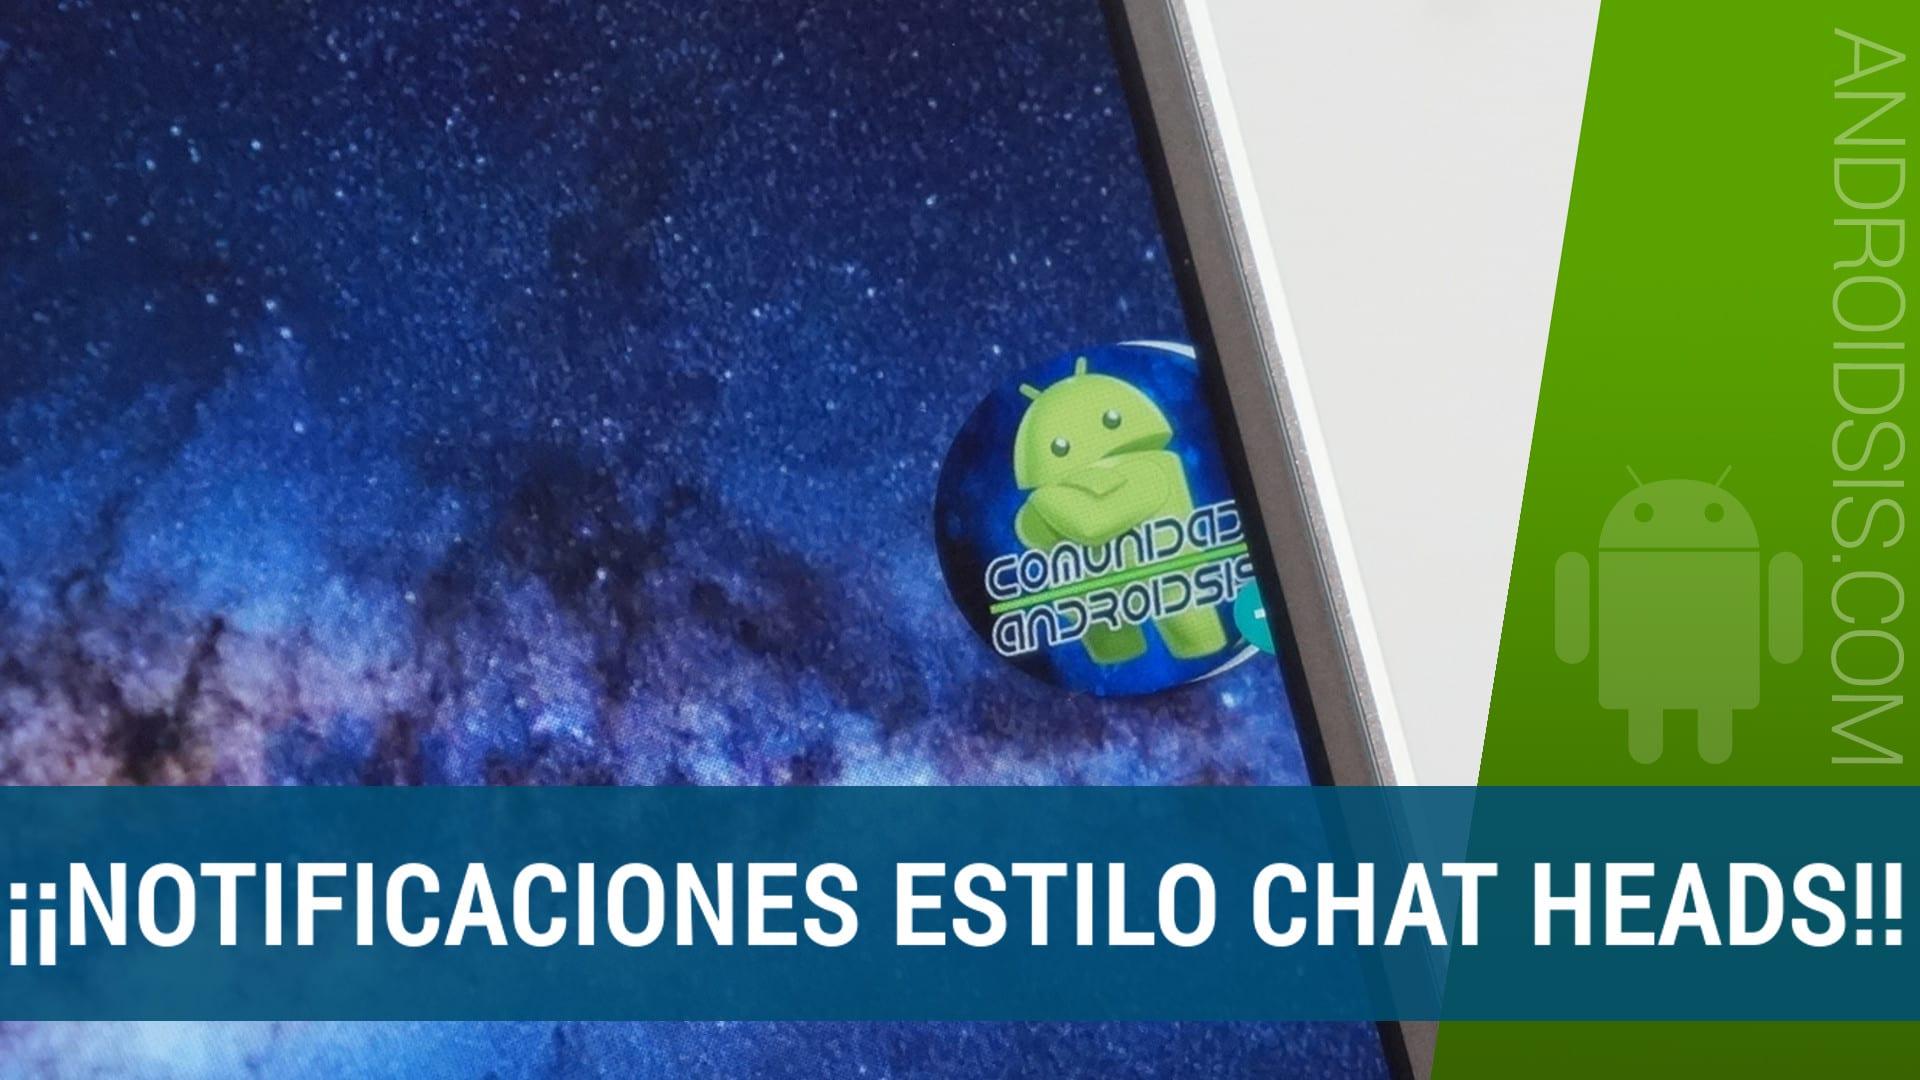 Cómo conseguir notificaciones Chat Heads en cualquier aplicación